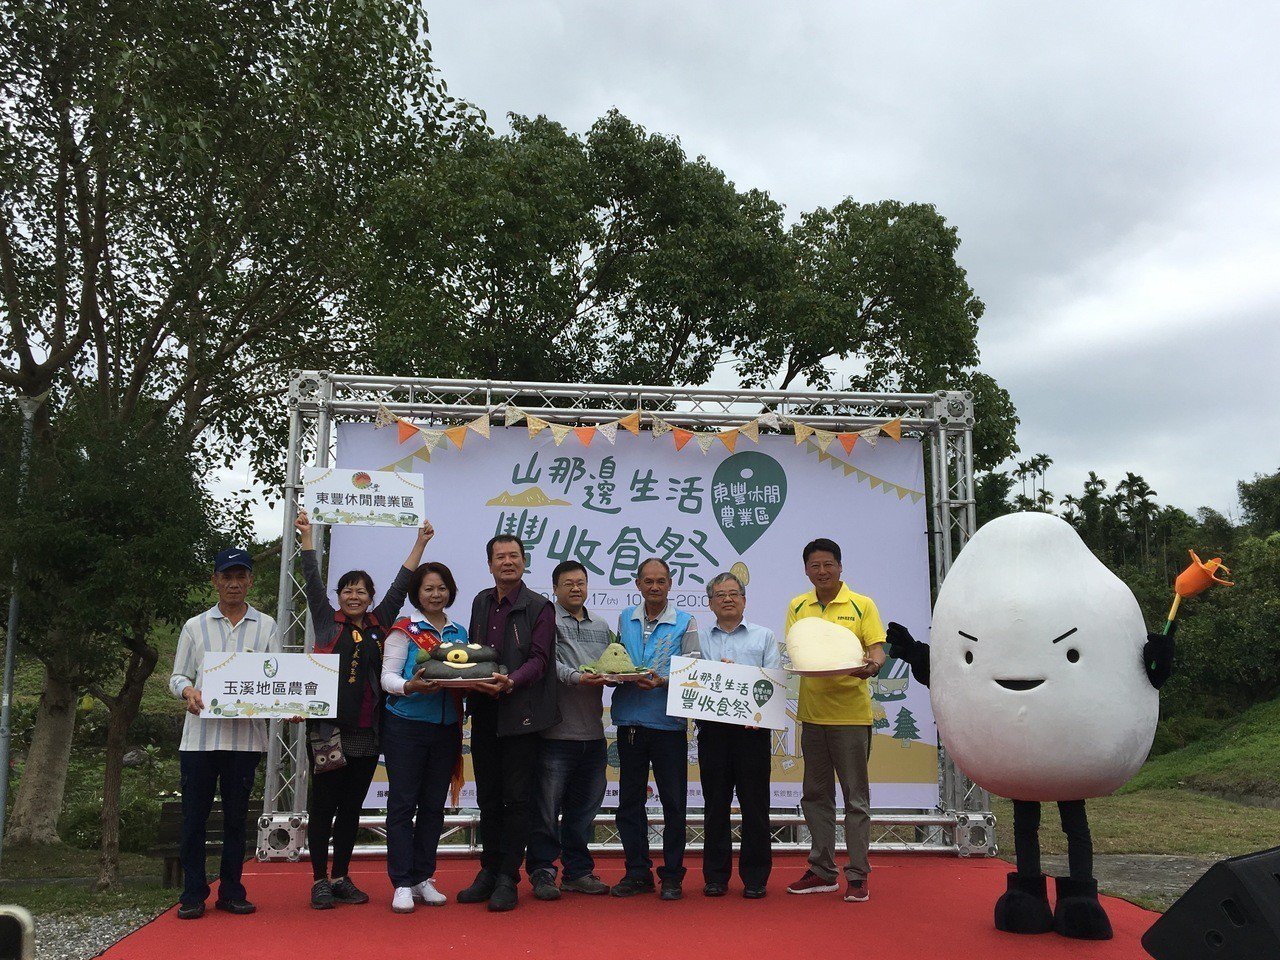 東豐休閒農業區在今年在11月中首度舉辦「山那邊生活.豐收食祭」主題活動。記者徐庭...